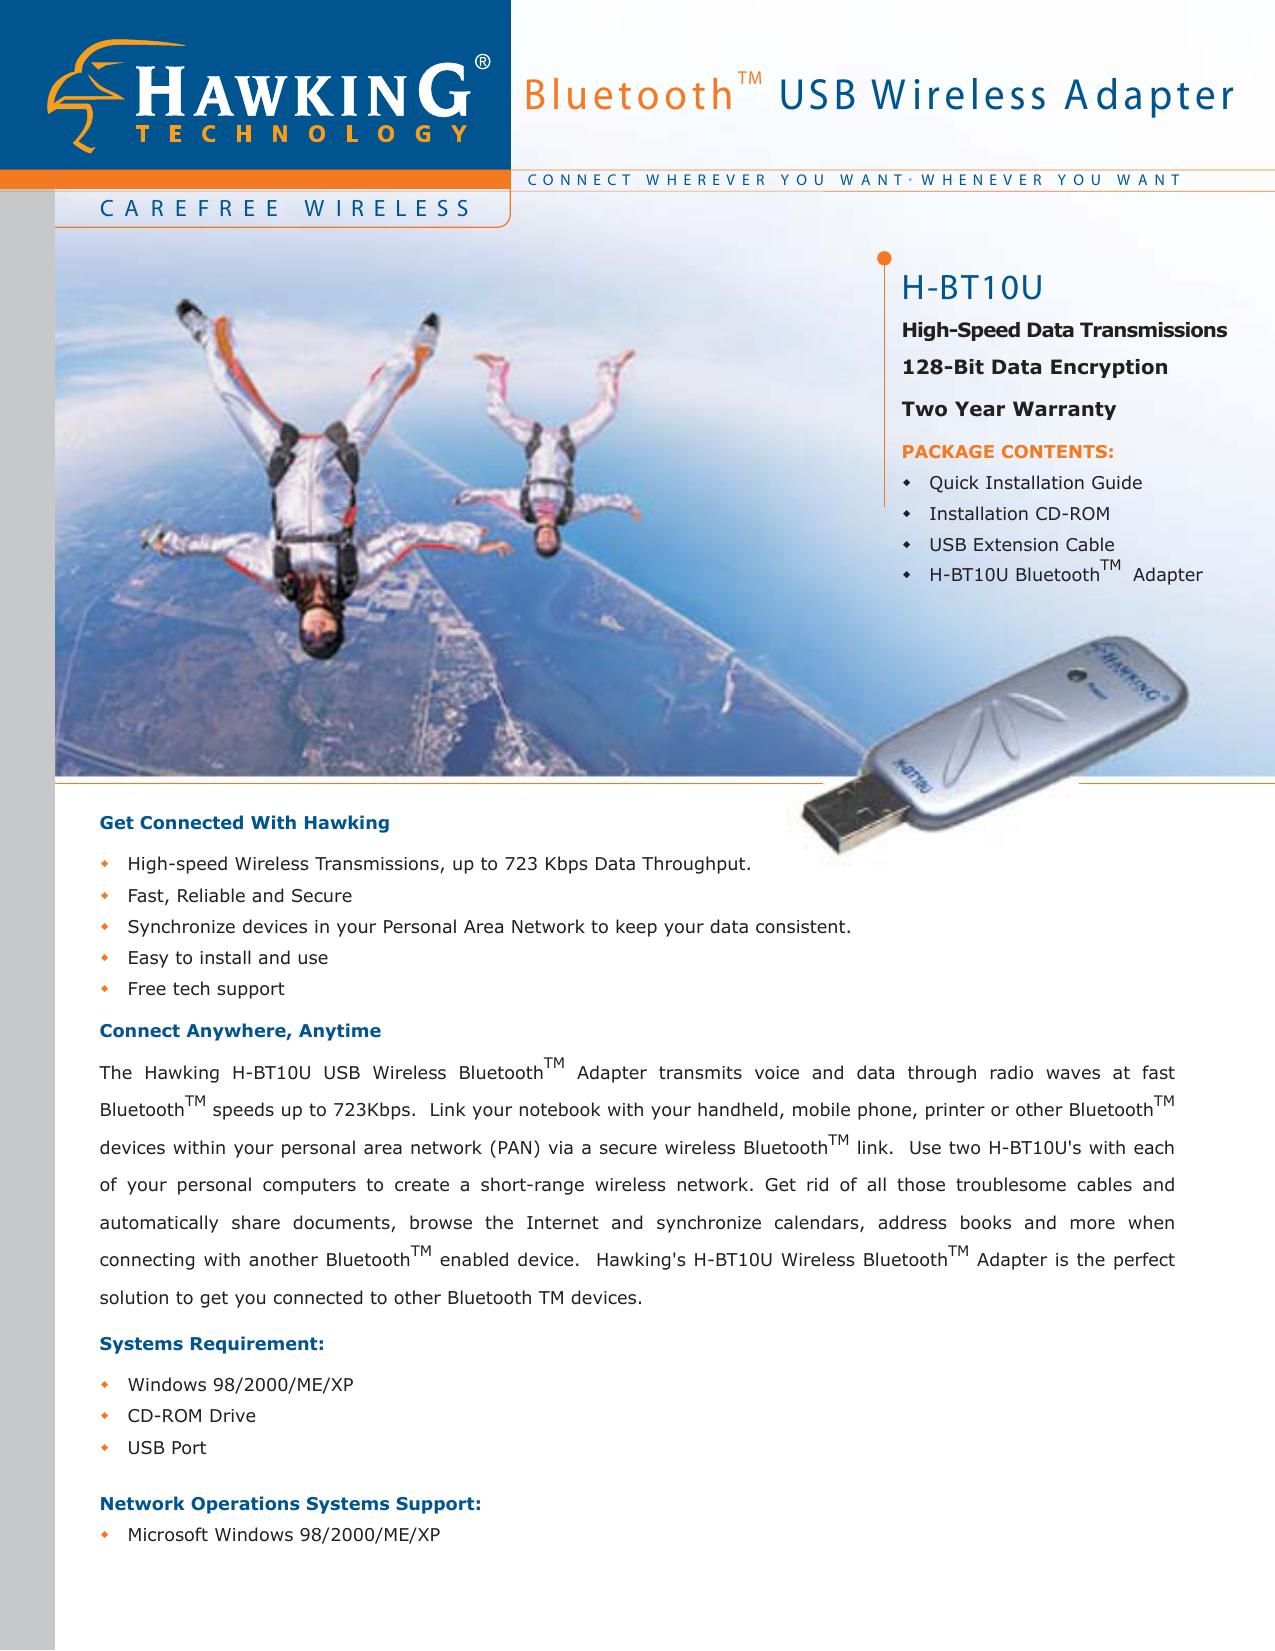 HAWKINGTECH HWU300 WIRELESS 802.11B MINI USB ADAPTER WINDOWS 7 DRIVER DOWNLOAD